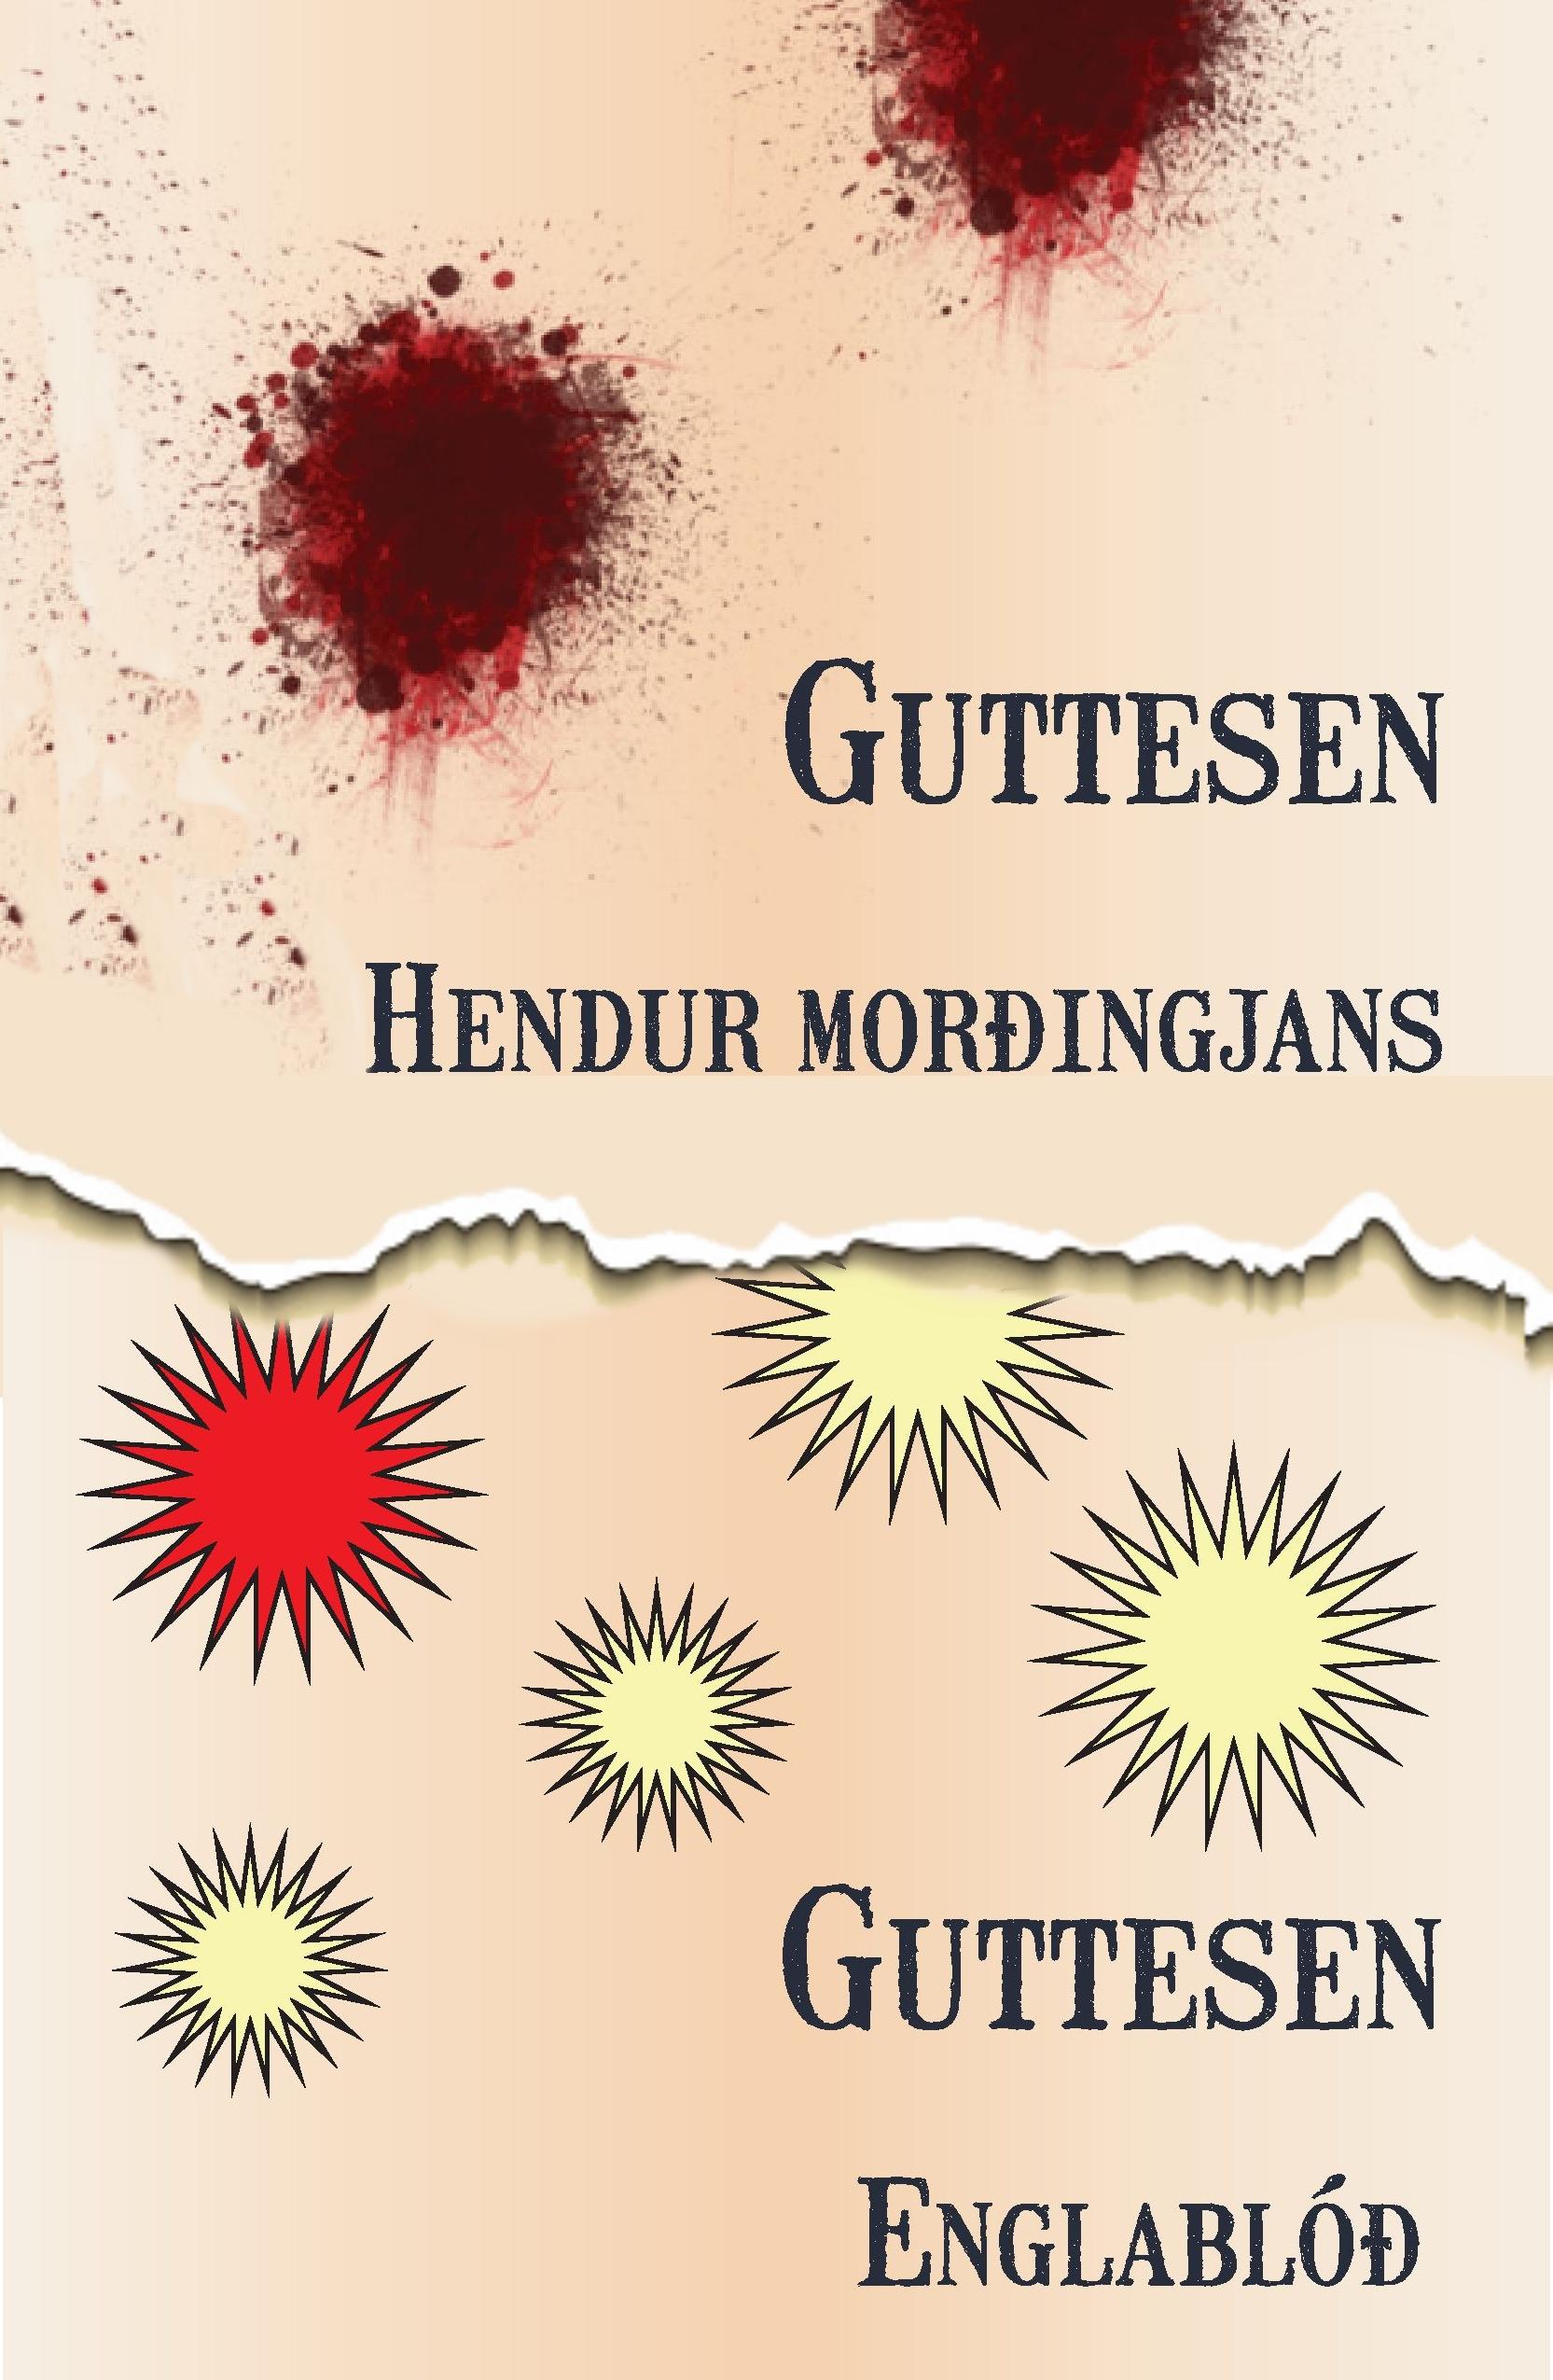 Englablóð og Hendur morðingjans eftir Kristian